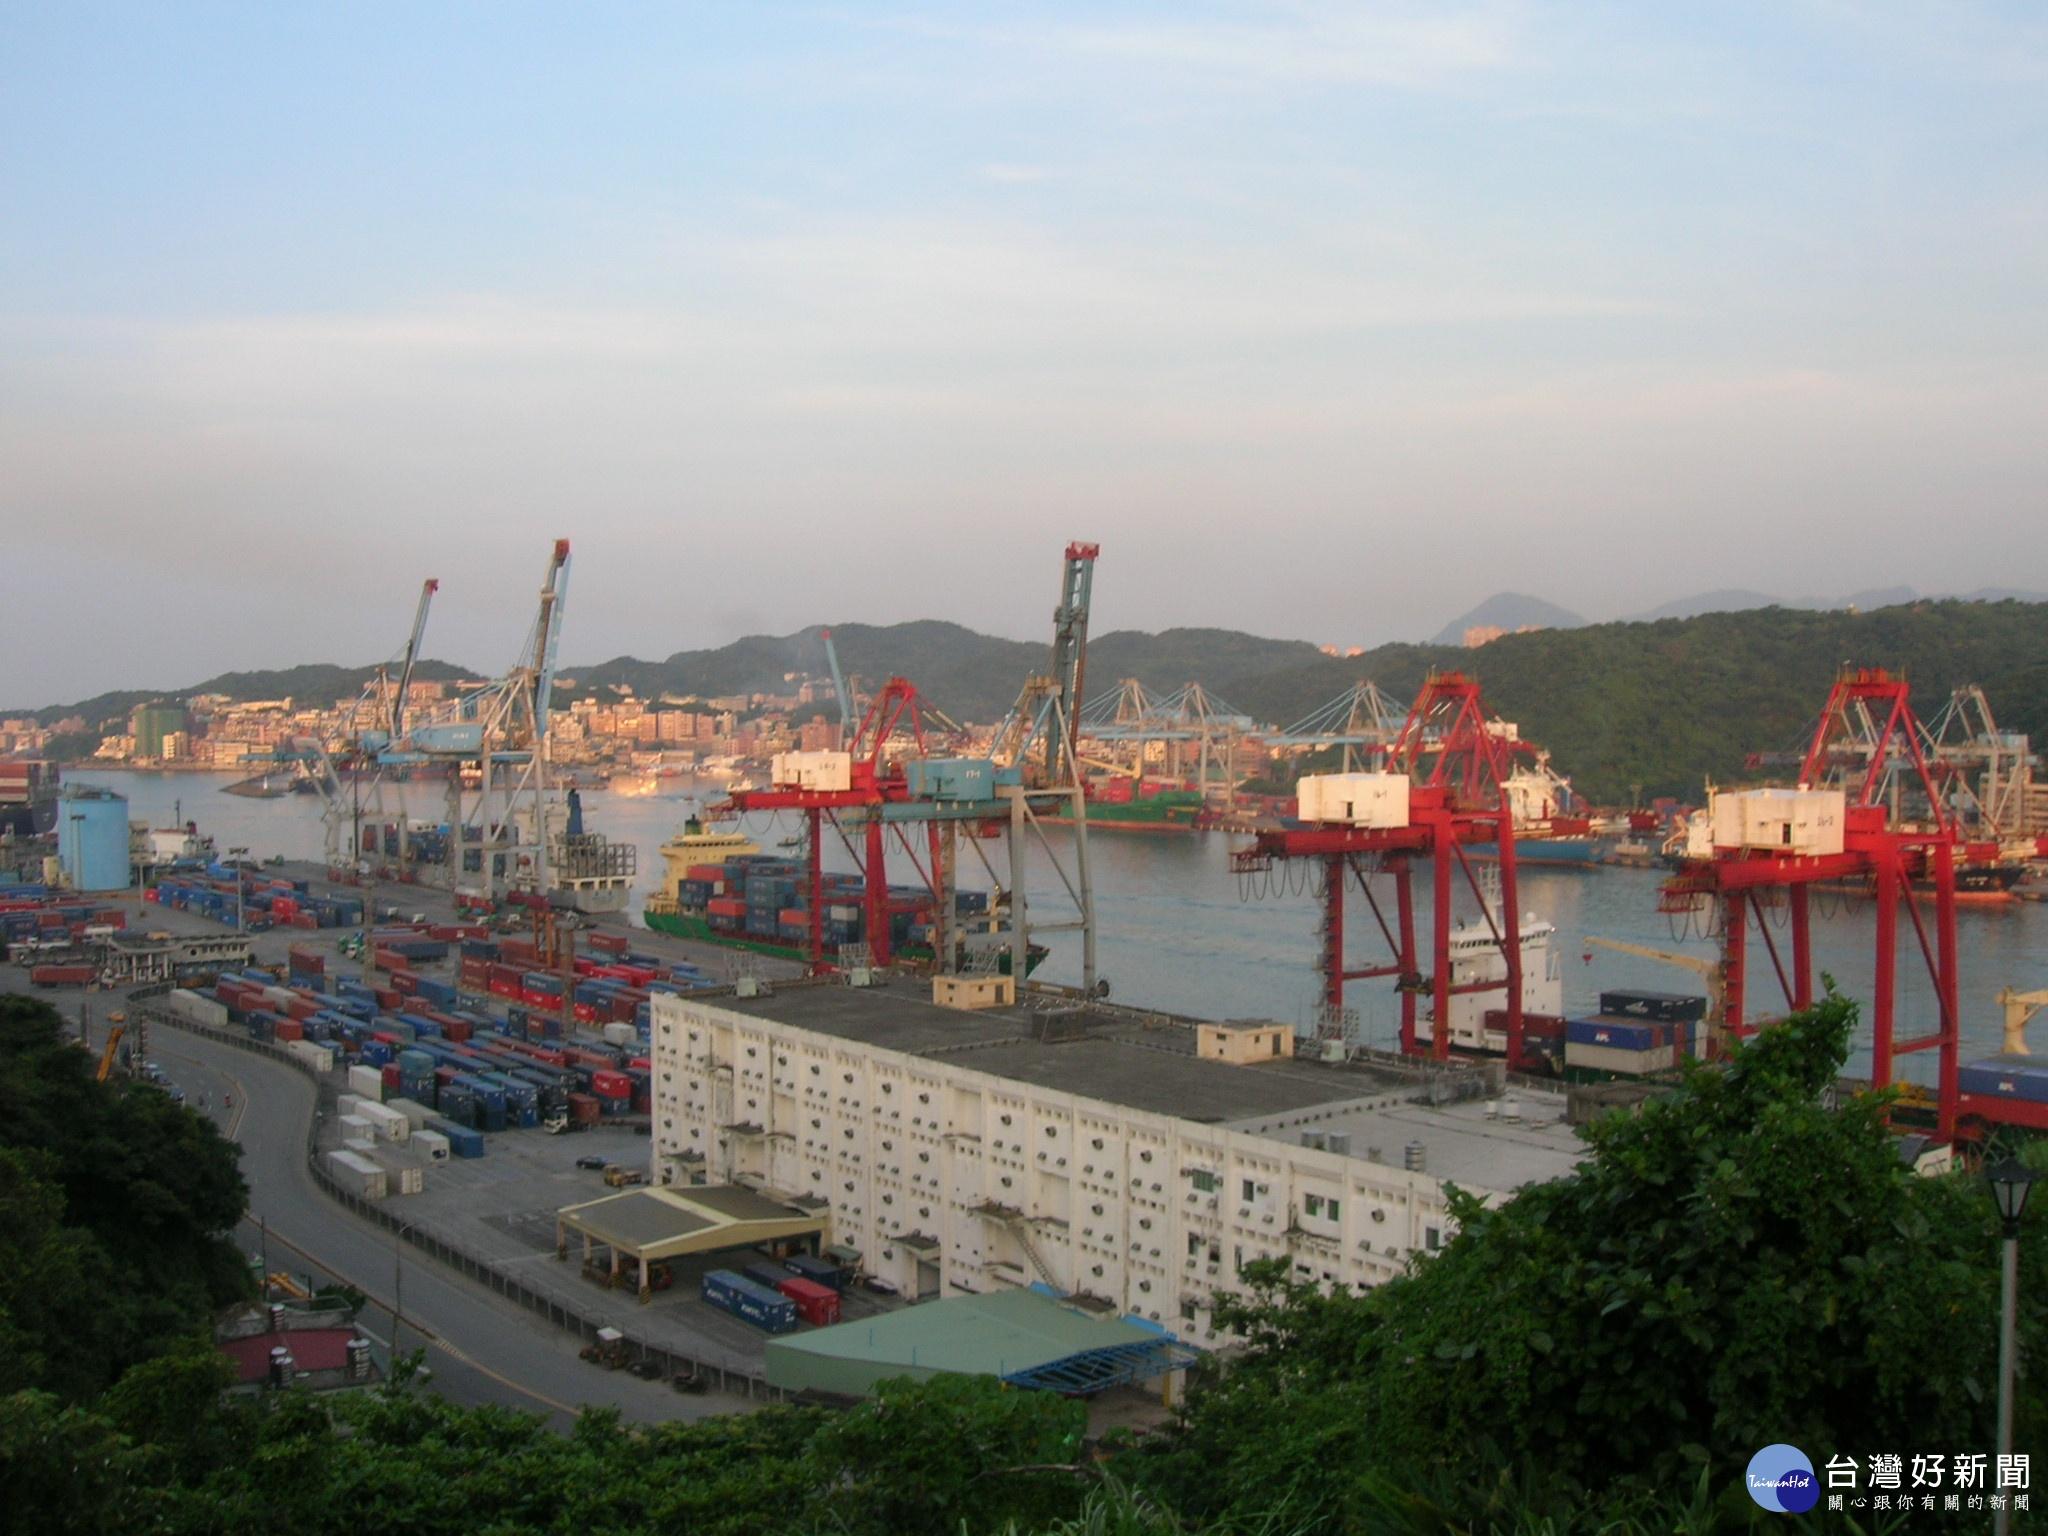 捷運進基隆!蔡英文宣布80億打造南港到基隆輕軌